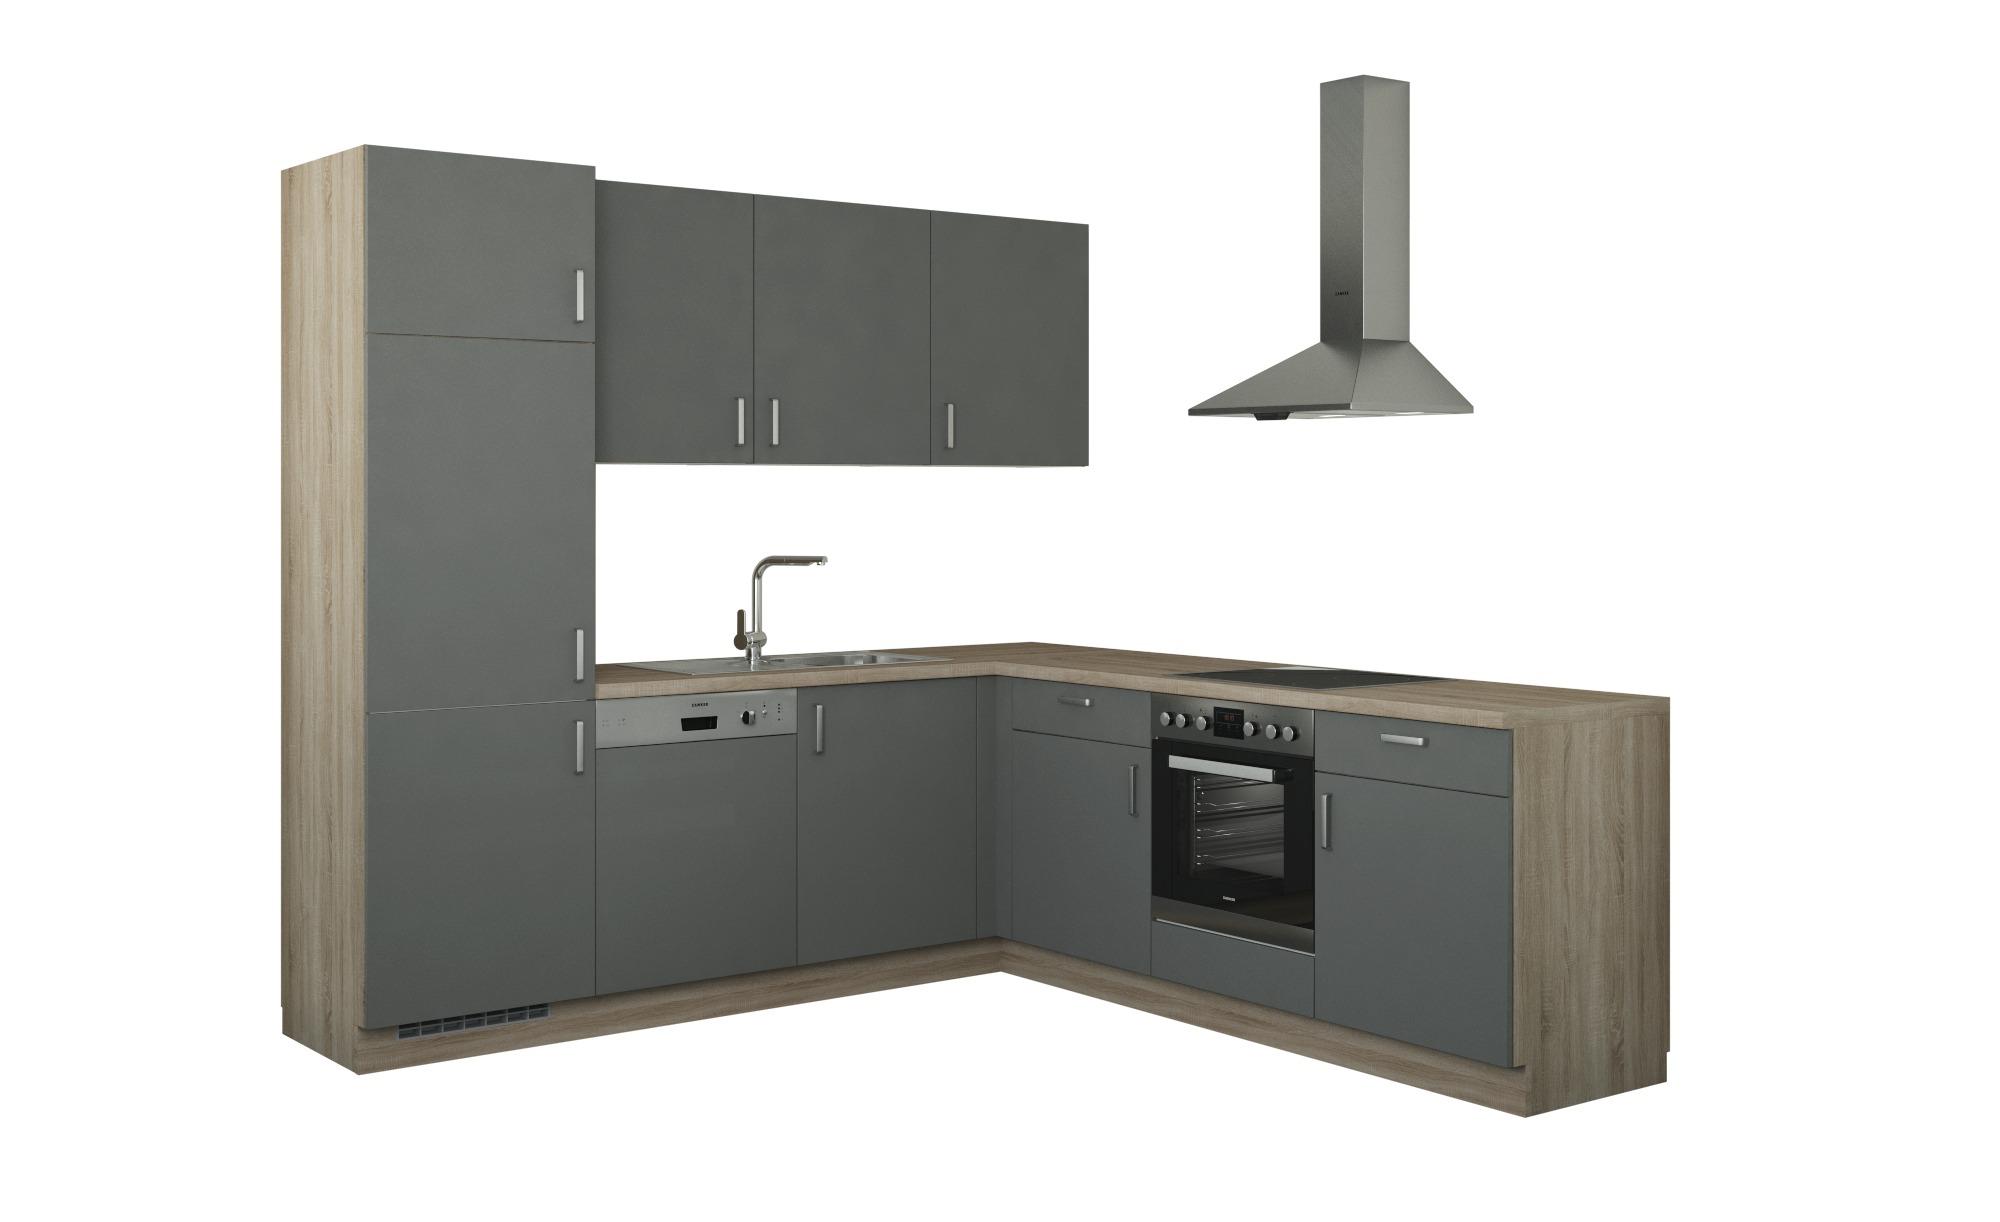 Winkelküche ohne Elektrogeräte  Stuttgart Küchen > Küchenblöcke - Höffner